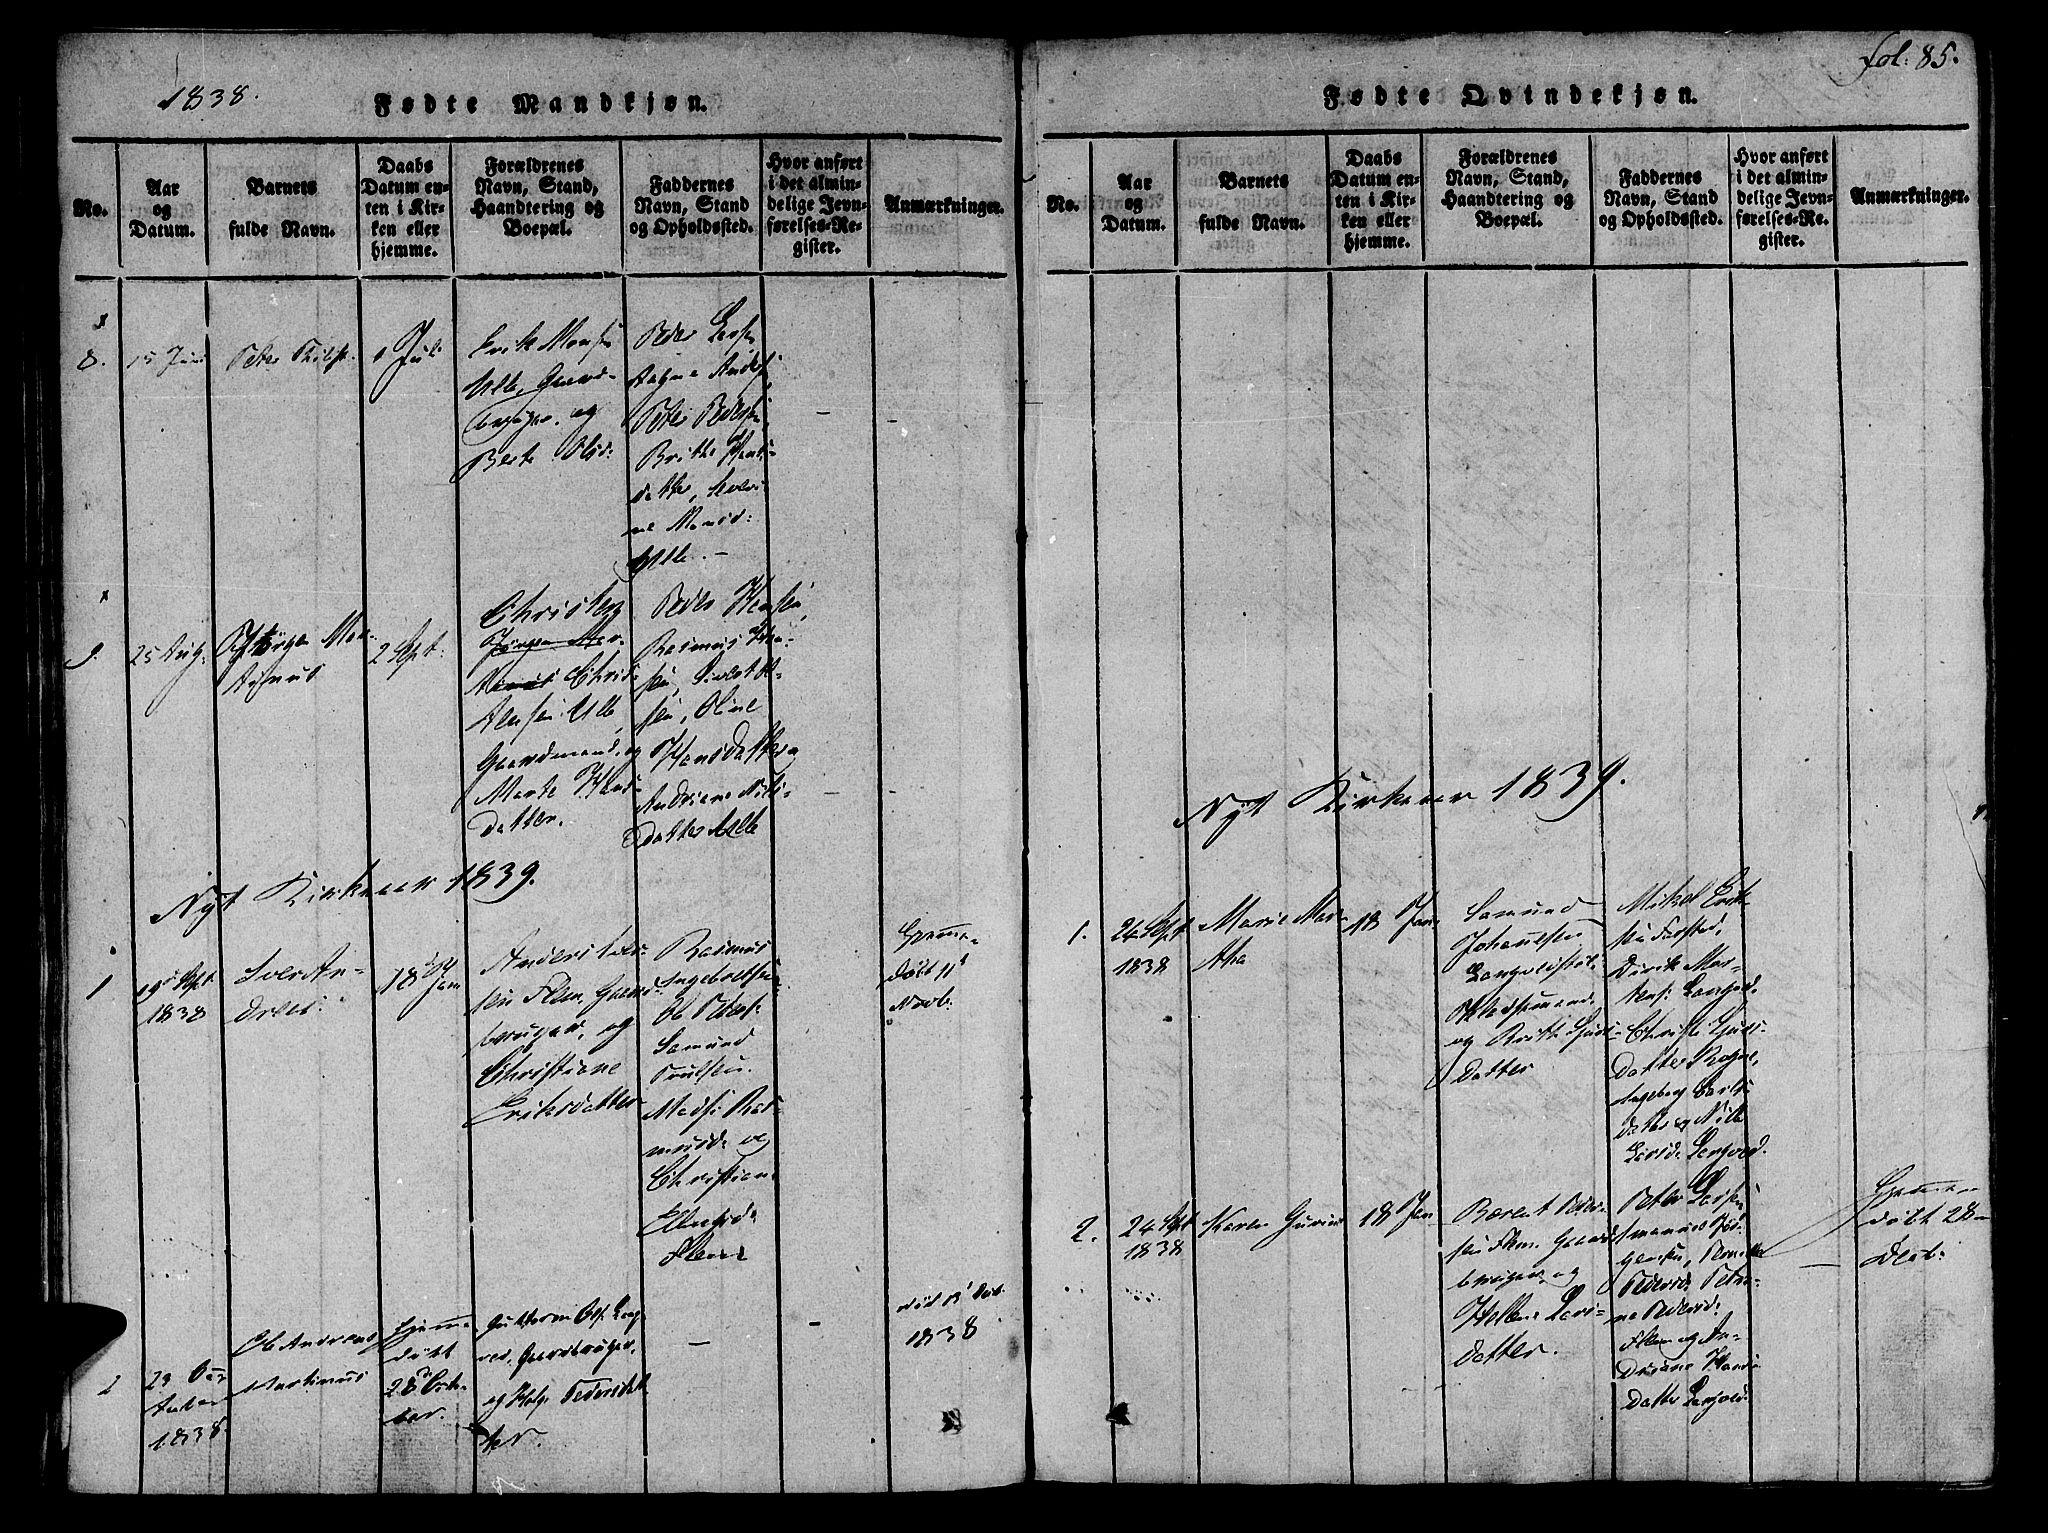 SAT, Ministerialprotokoller, klokkerbøker og fødselsregistre - Møre og Romsdal, 536/L0495: Ministerialbok nr. 536A04, 1818-1847, s. 85